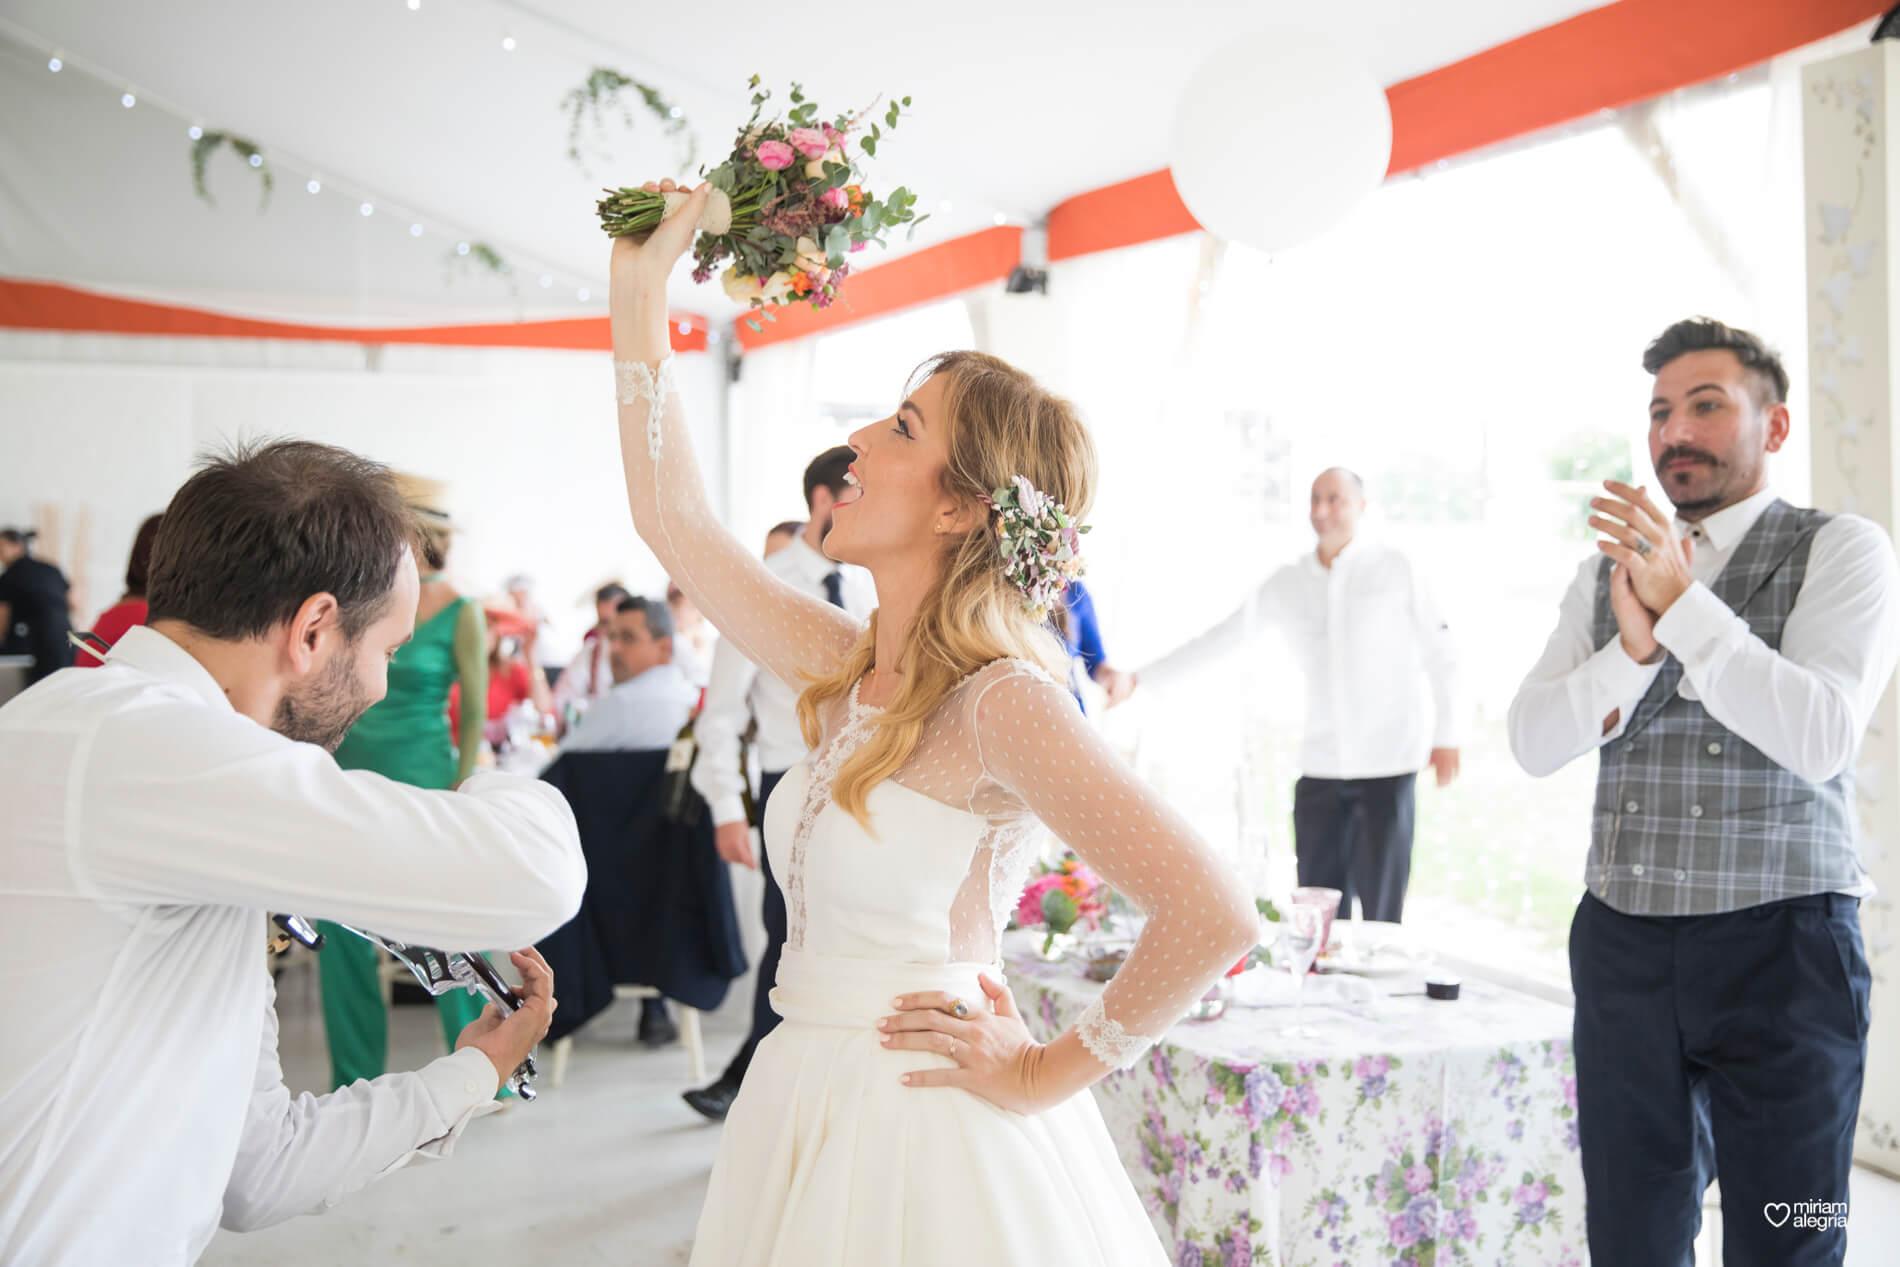 boda-en-finca-villa-vera-de-alemc7-miriam-alegria-fotografos-boda-murcia-183